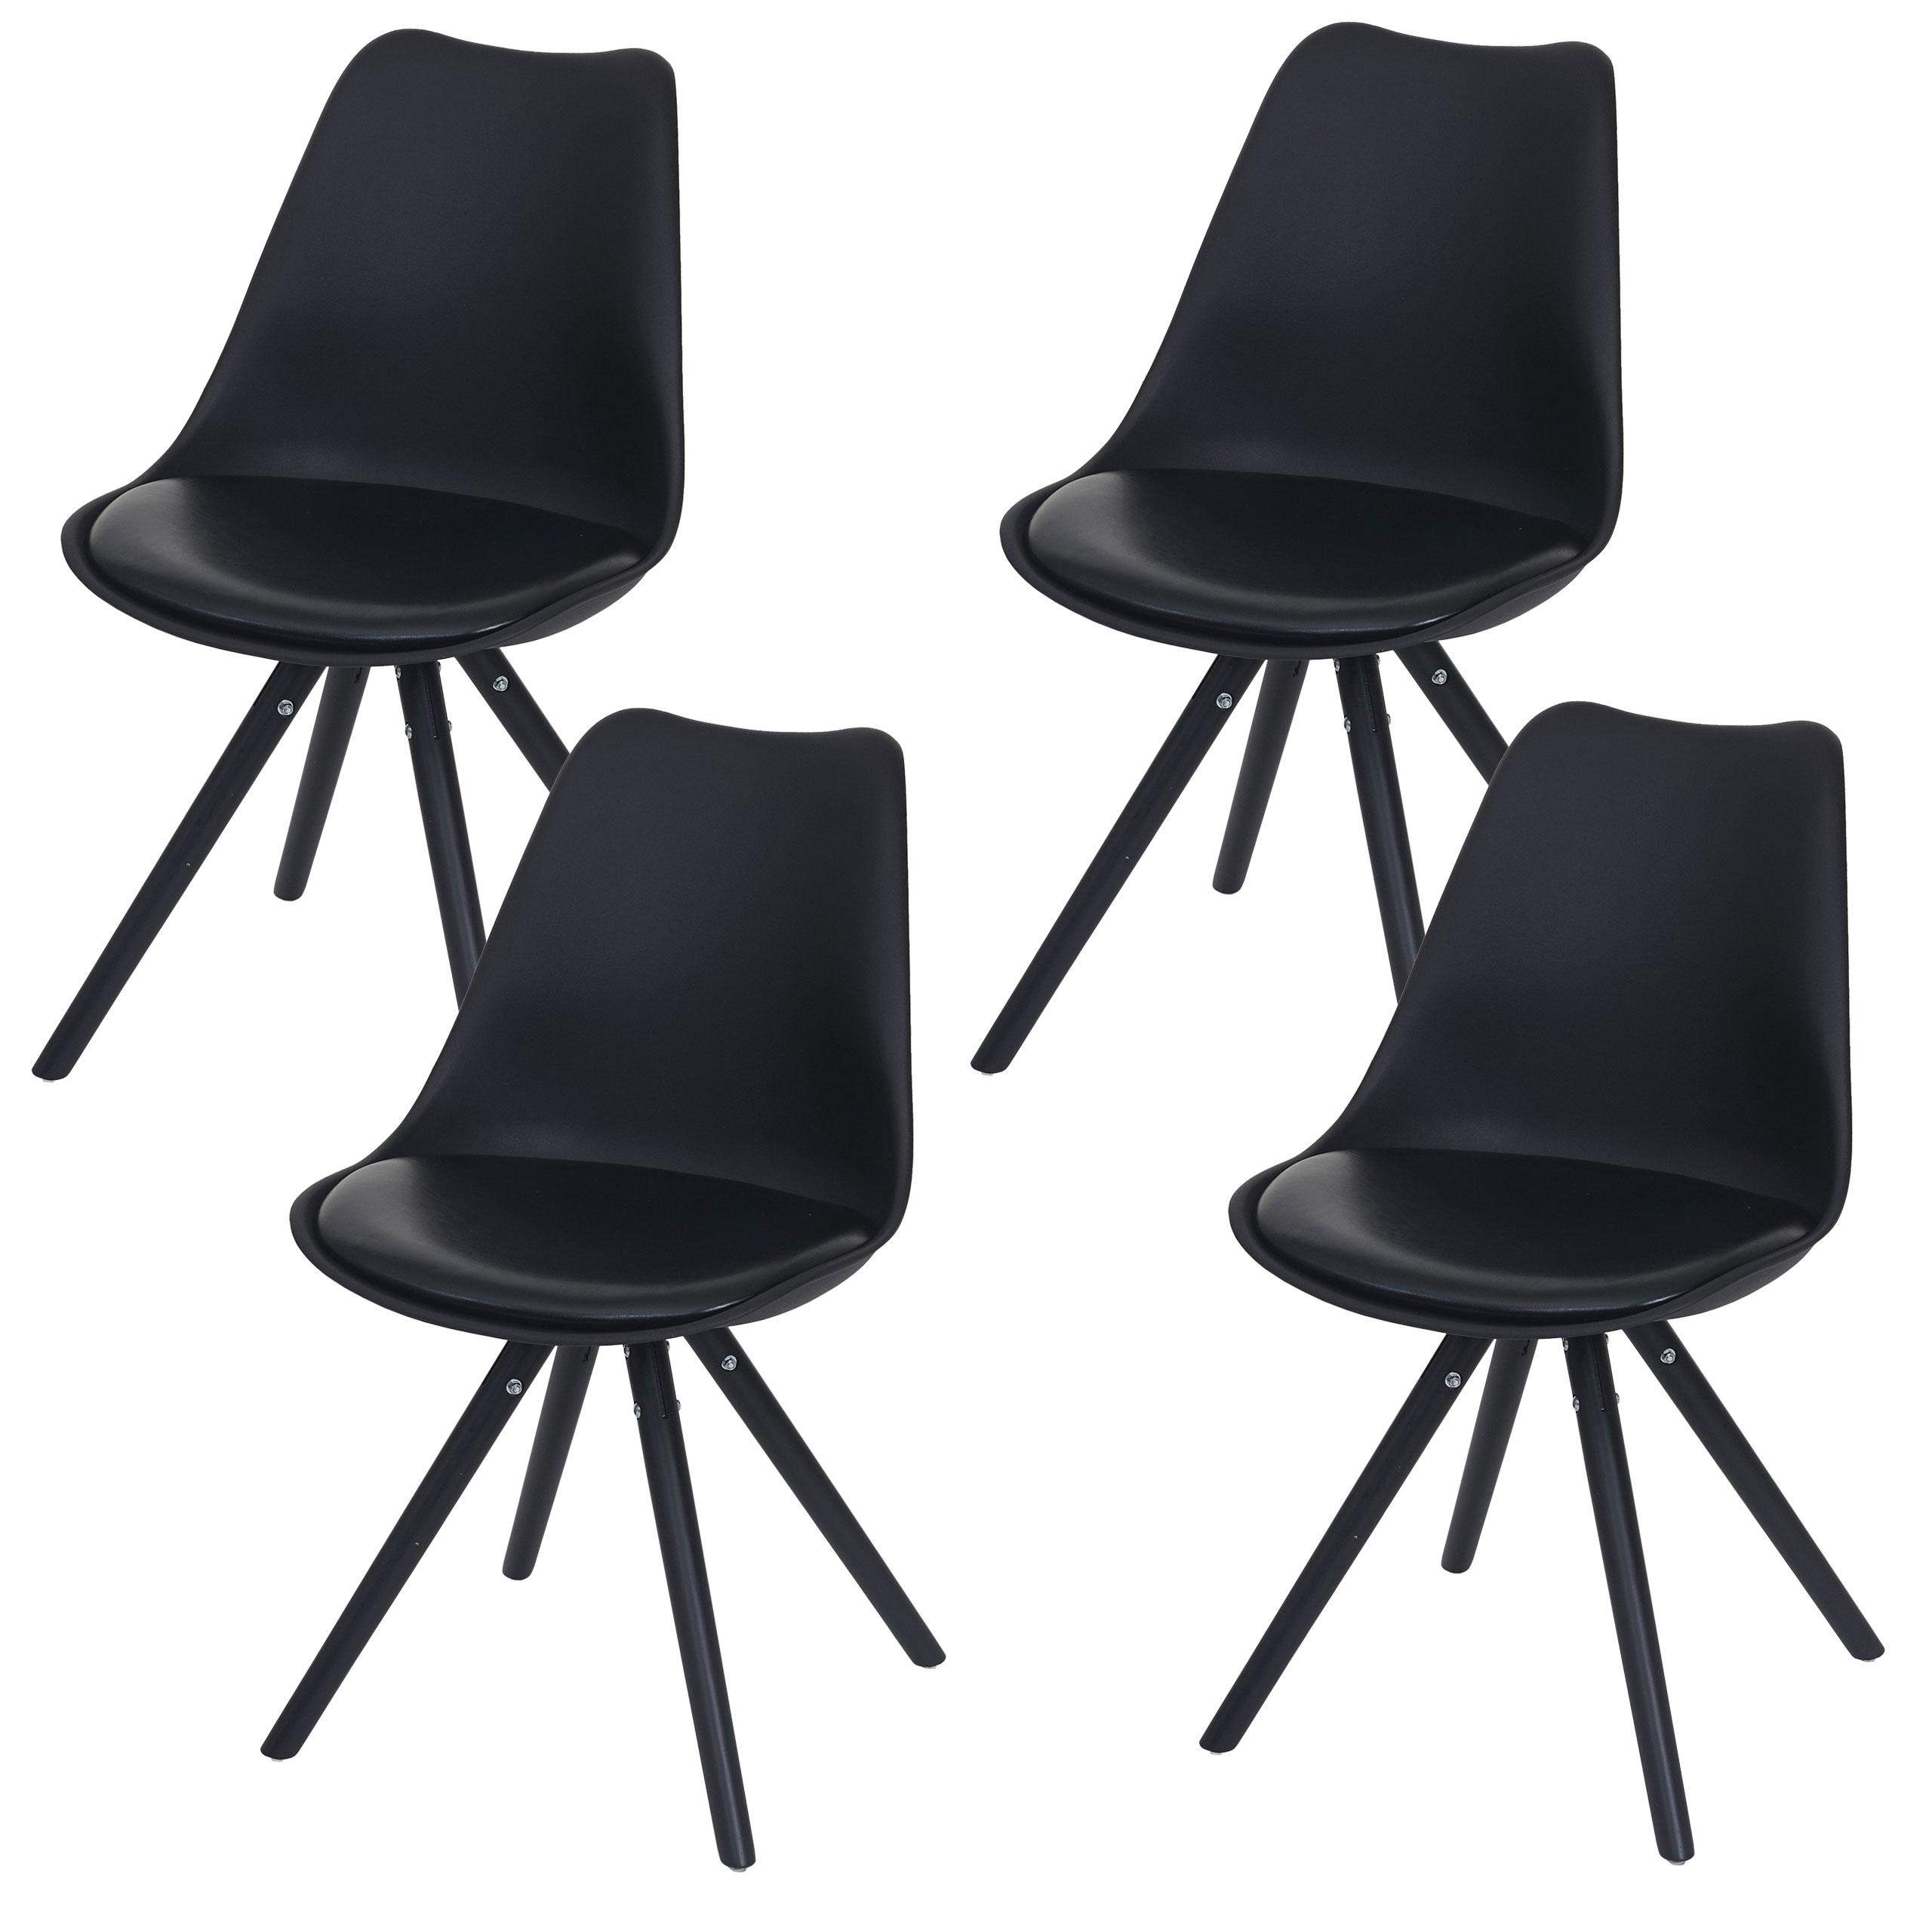 4x esszimmerstuhl malm t501 retro design schwarz sitzfl che kunstleder schwarz dunkle beine - Retro esszimmerstuhl ...